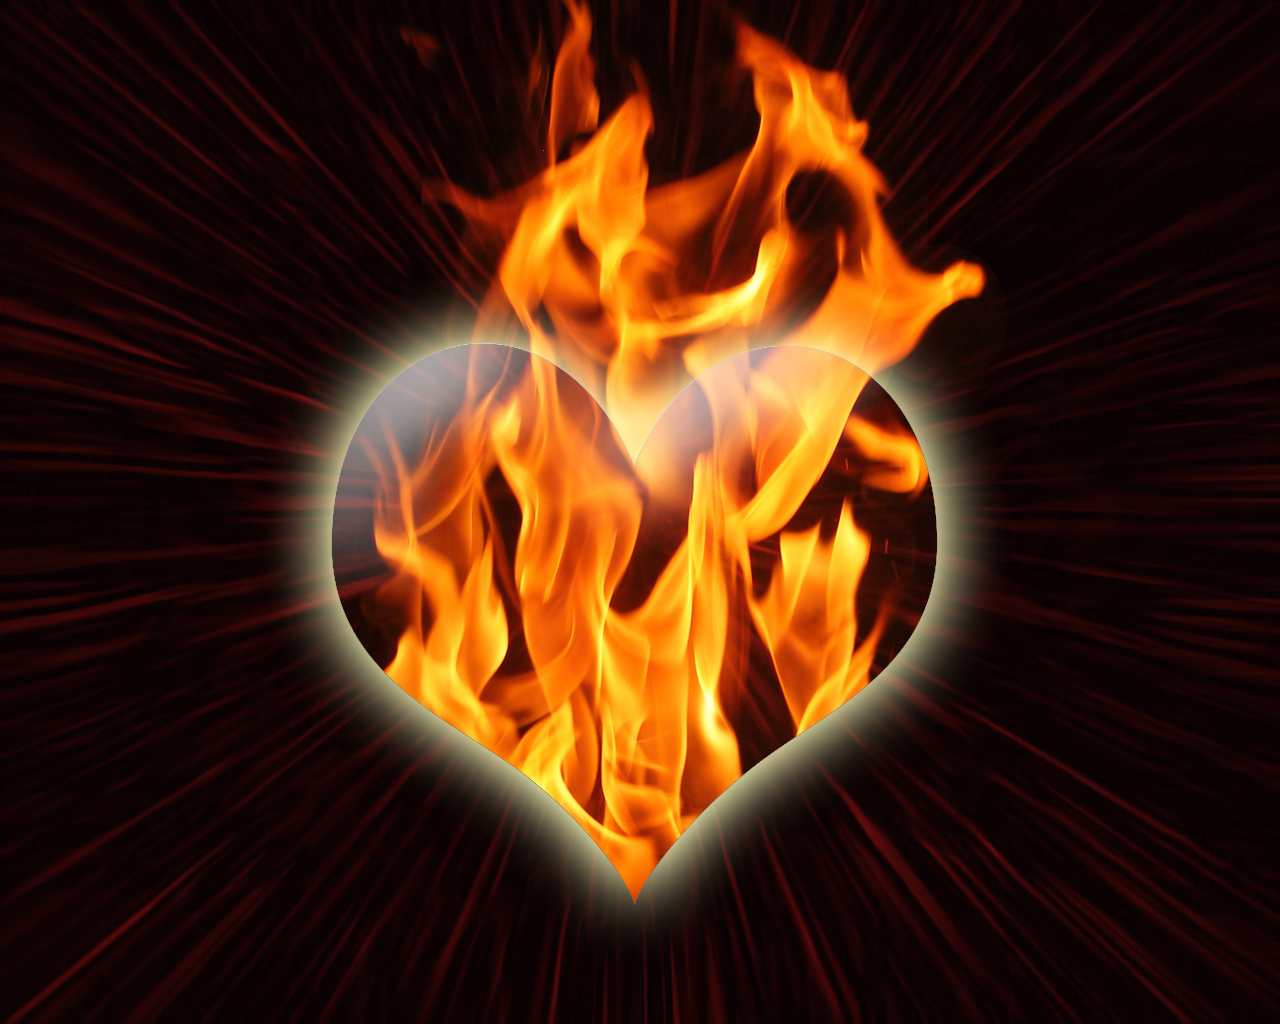 Tải hình nền trái tim 3D tình yêu đẹp ấn tượng nhất hiện nay